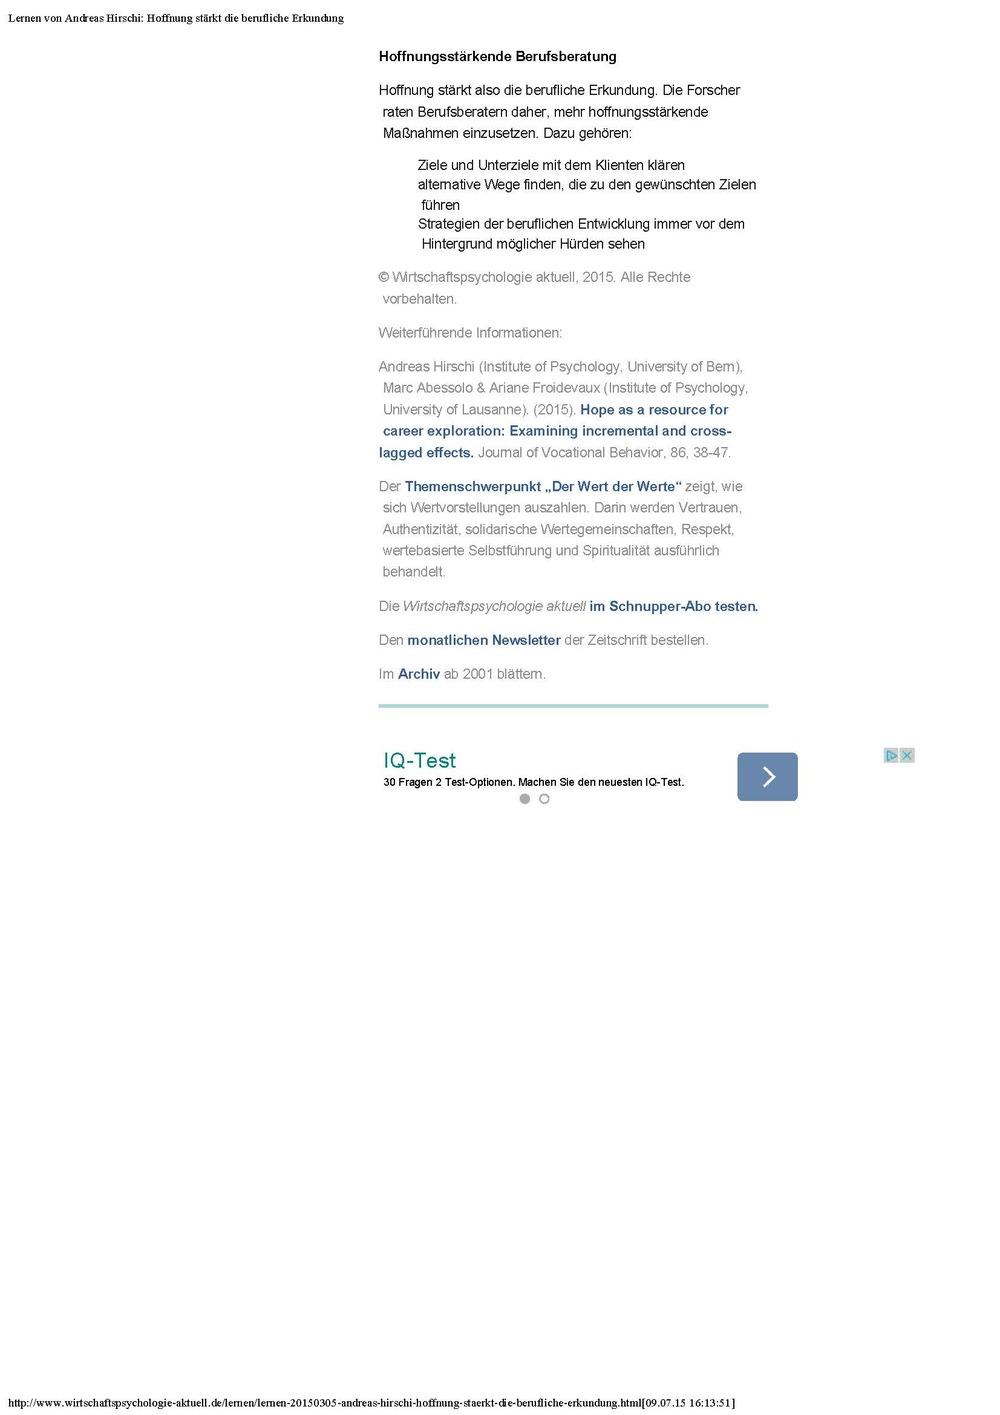 WPaktuell-Lernen von Andreas Hirschi- Hoffnung stärkt die berufliche Erkundung_Seite_2.jpg